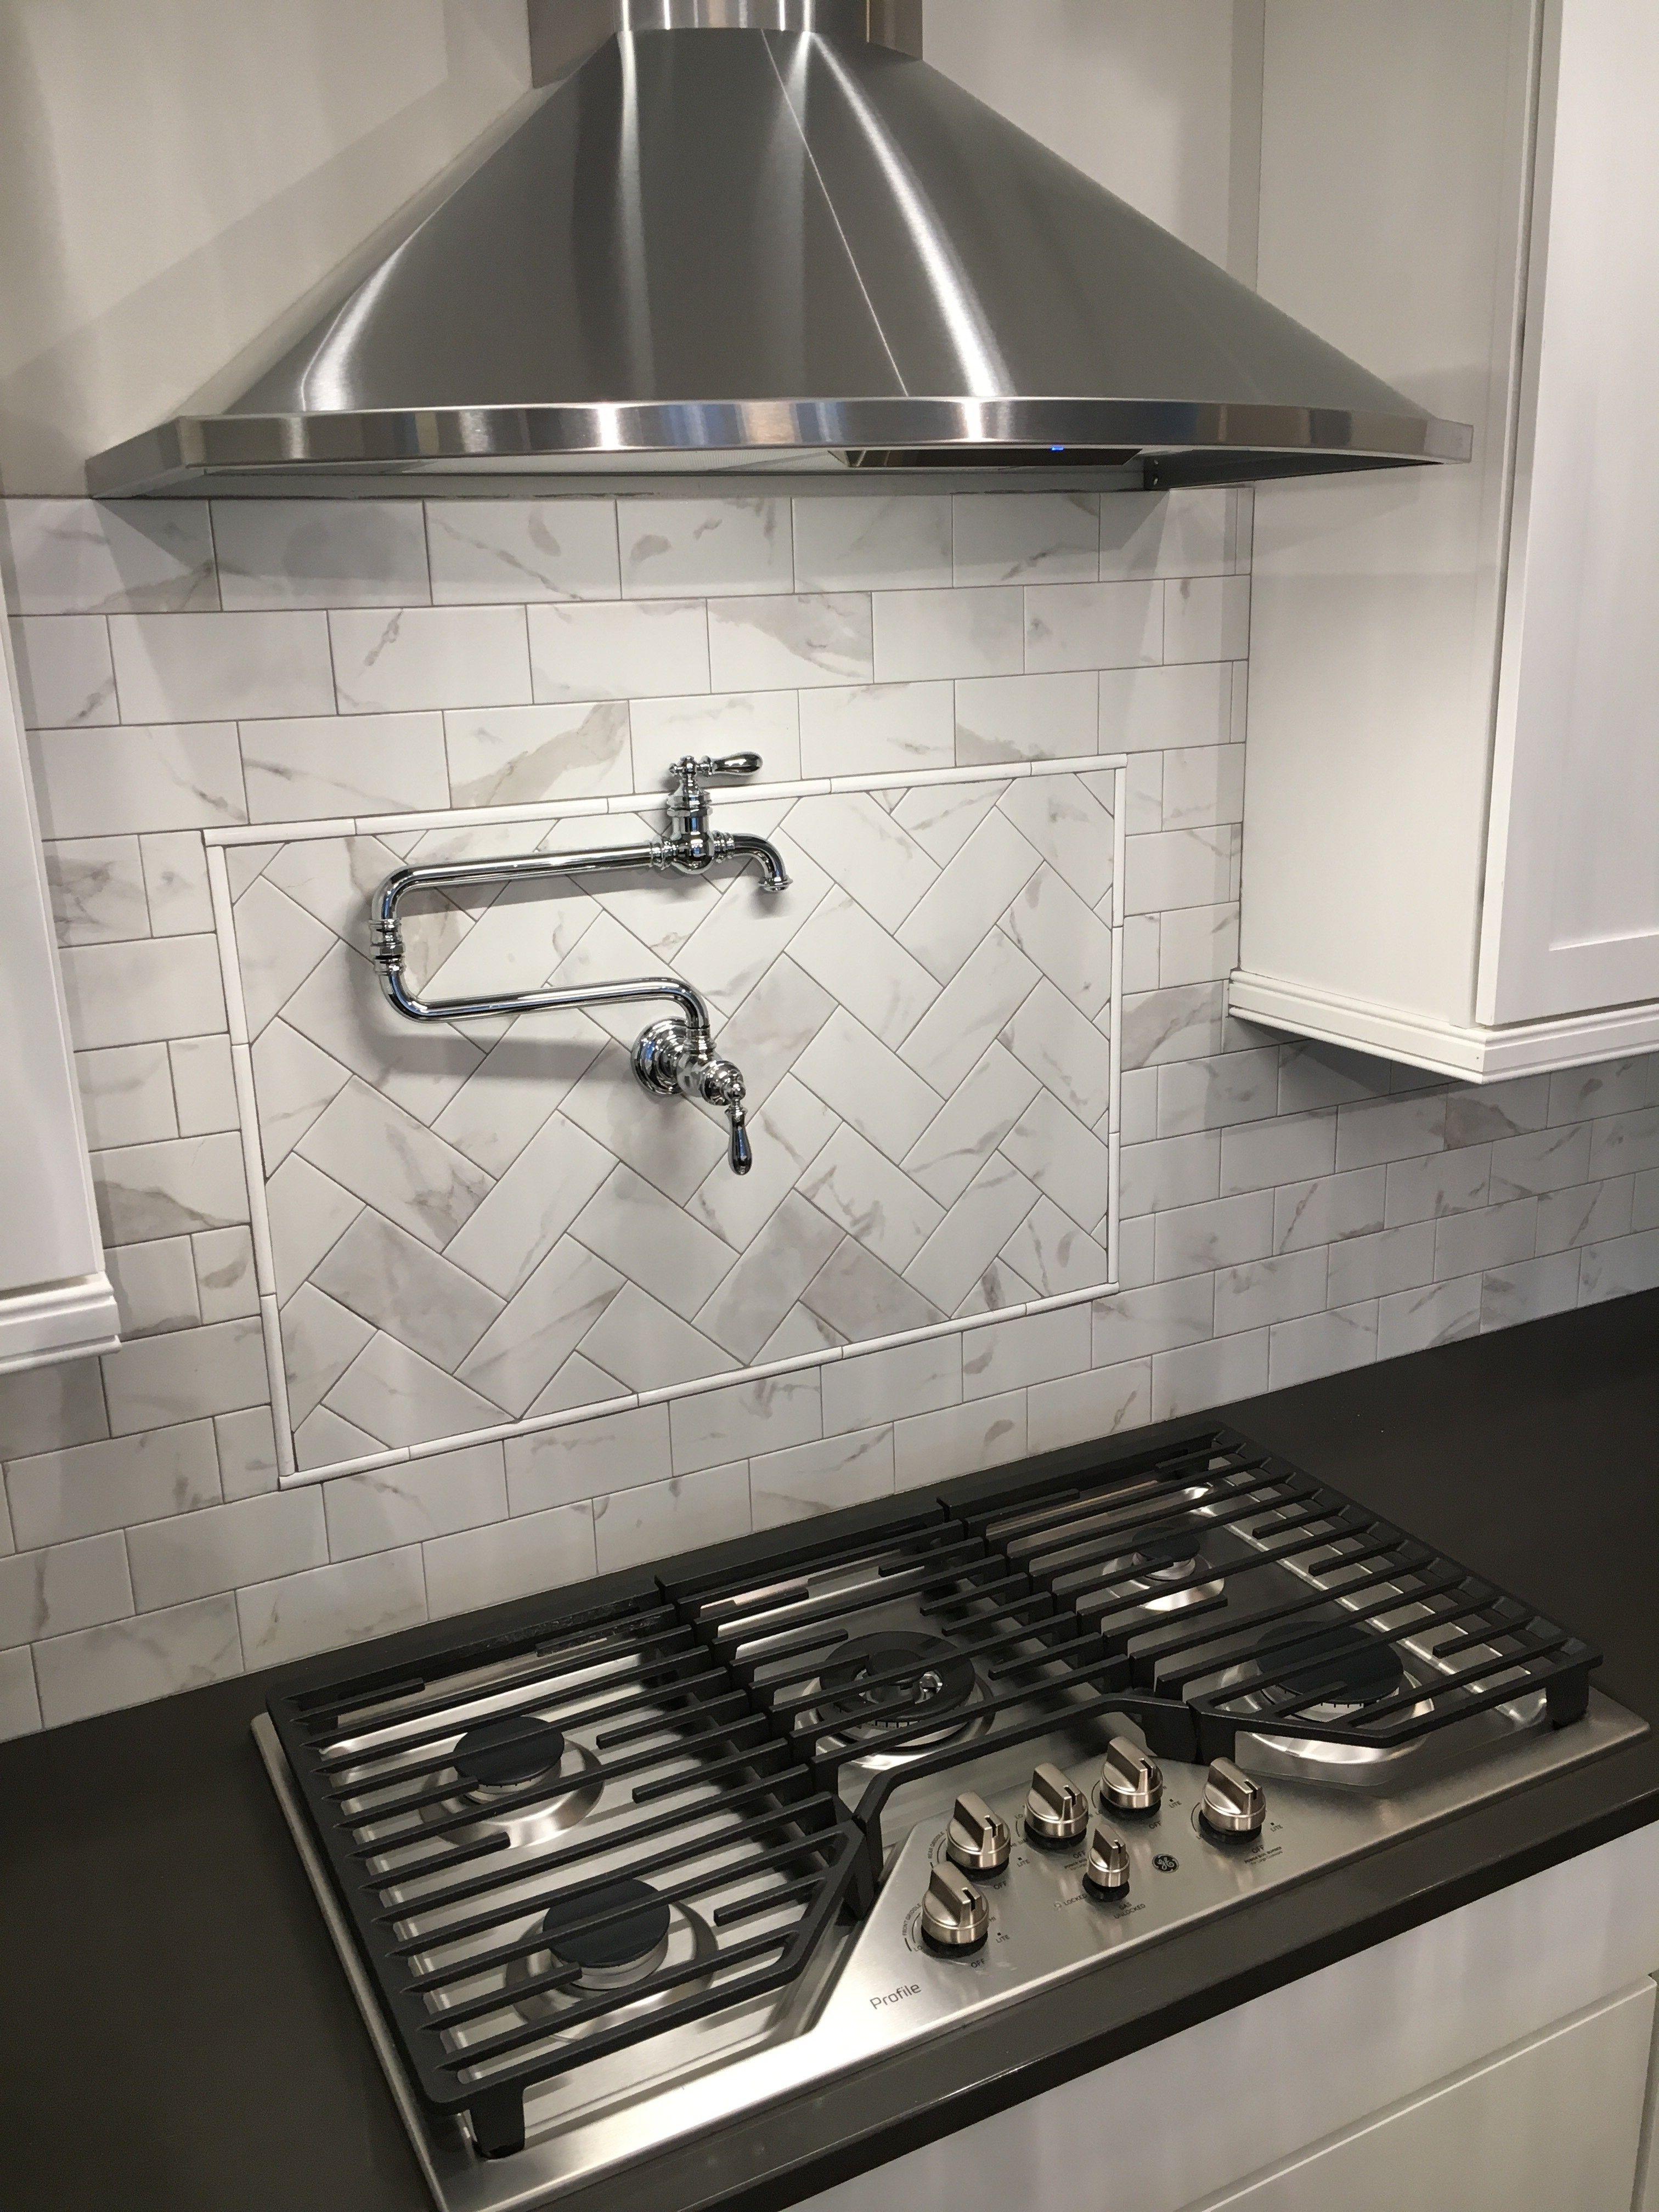 Pin On Kitchen Ideas We Love